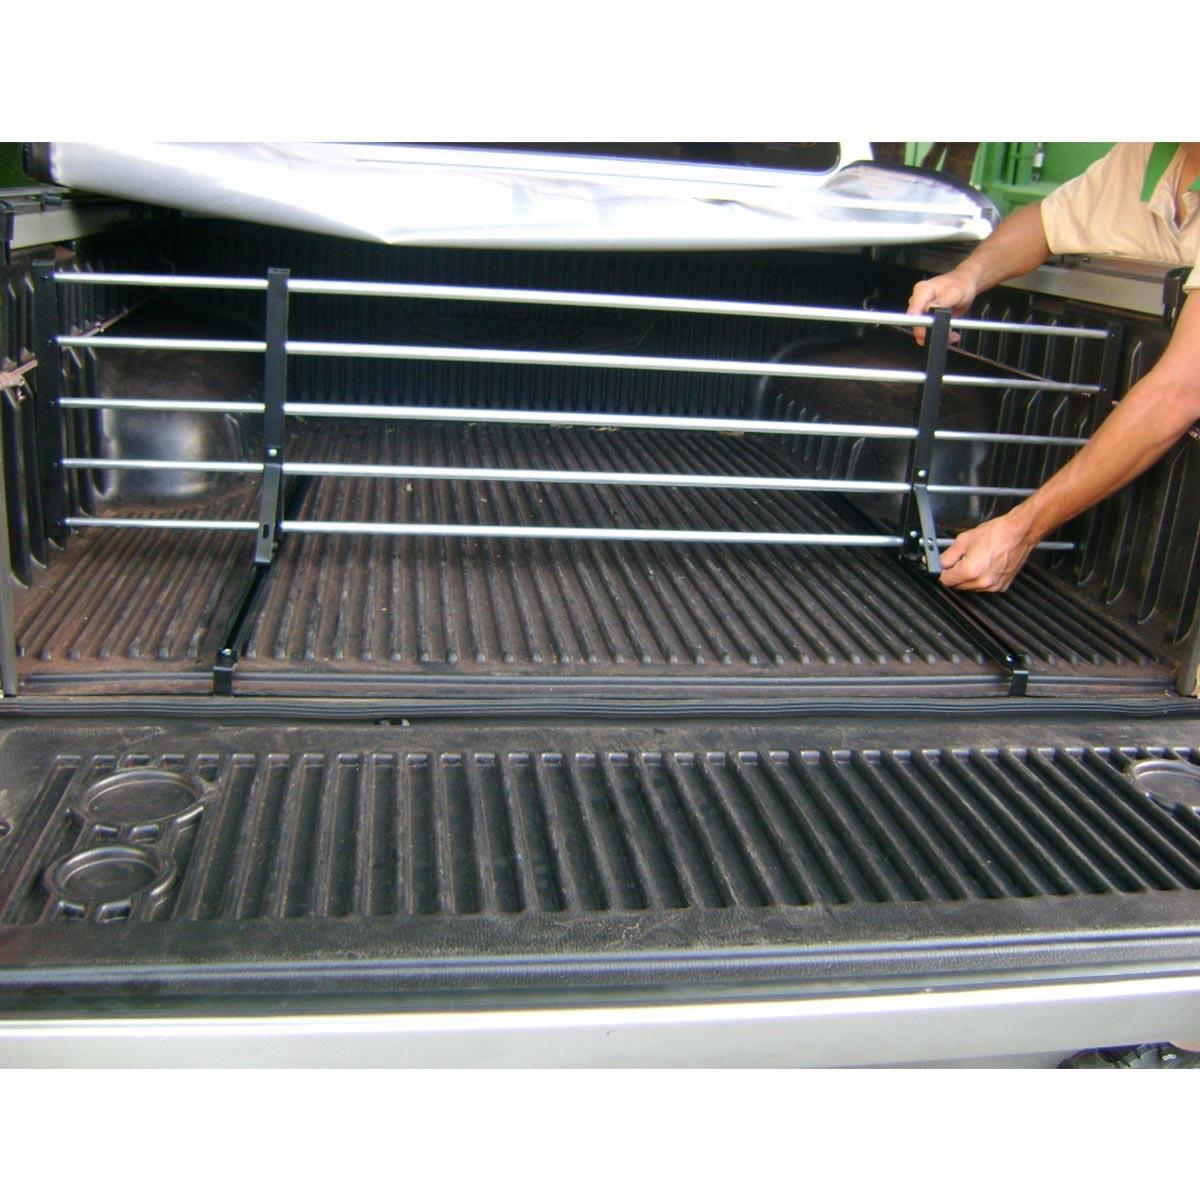 Divisor separador de cargas ca�amba L200 GL 1999 a 2005 ou L200 GLS 1999 a 2007